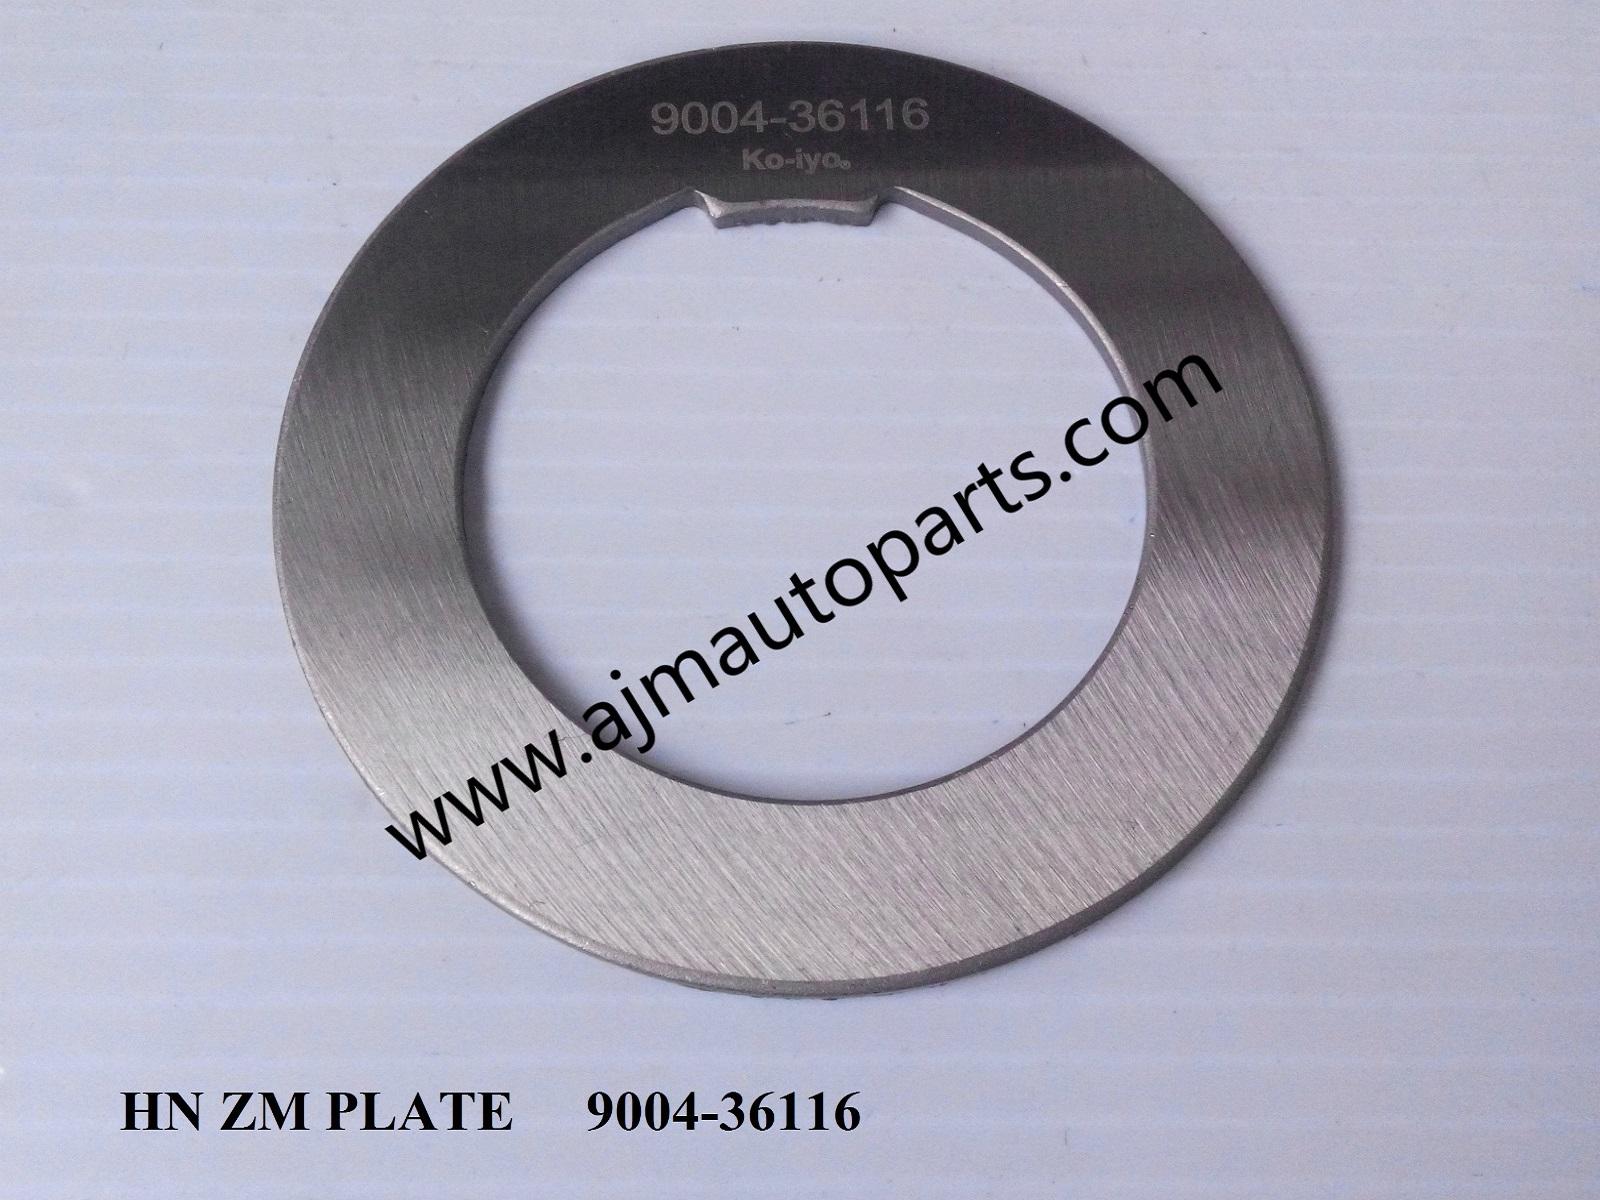 HINO ZM PLATE 9004-36116